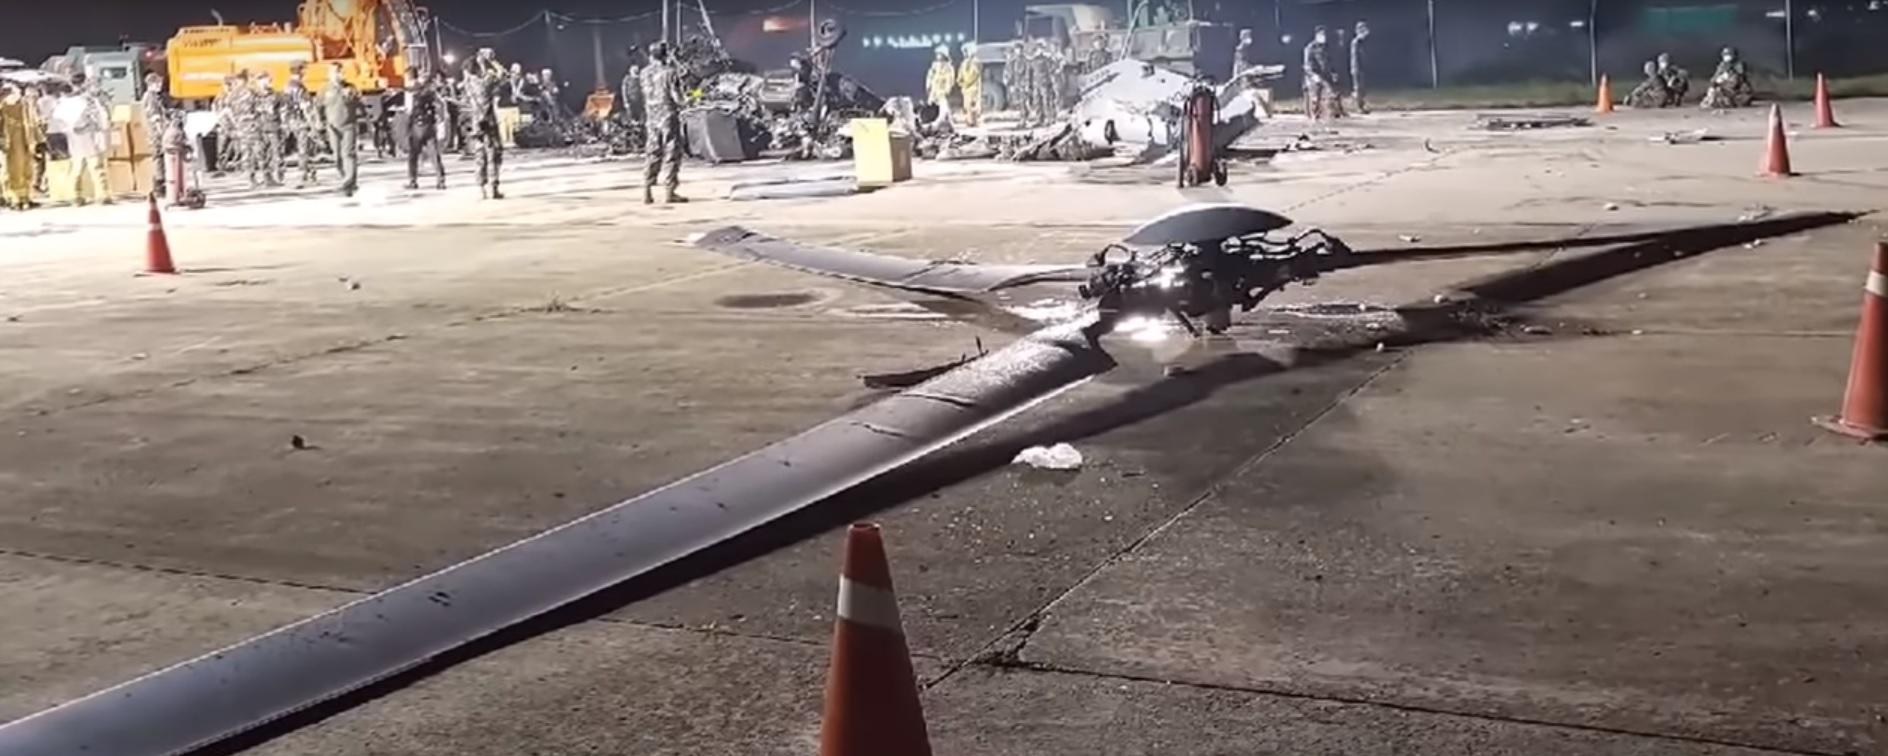 Оторвавшийся несущий винт, ставший причиной катастрофы вертолета KAI MUH-1 морской пехоты Южной Кореи. Пхохан, 17.07.2018 (с) bemil.chosun